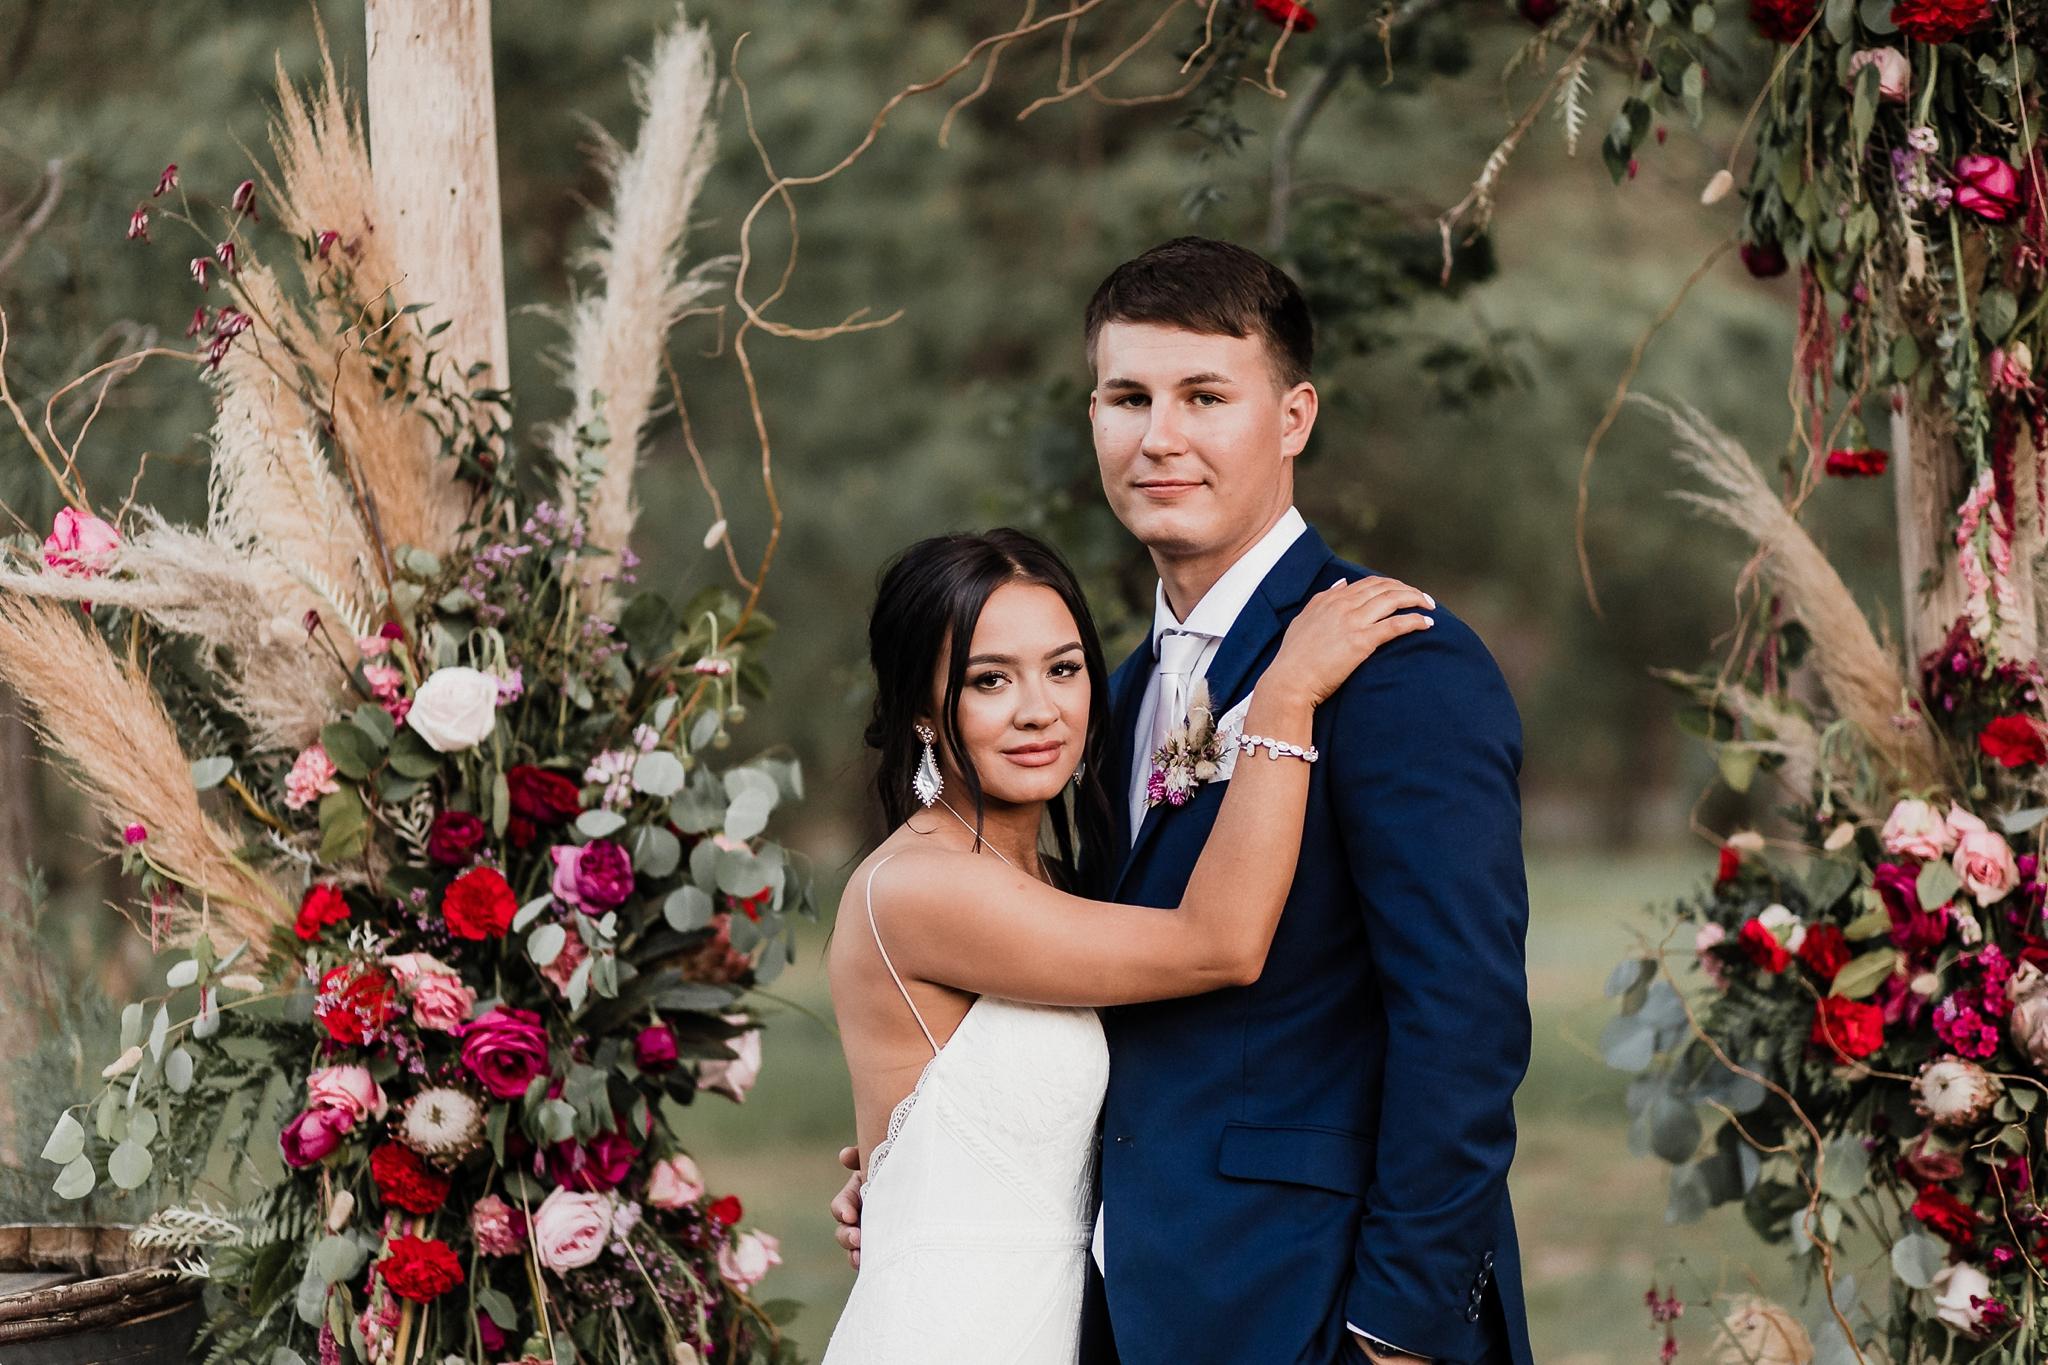 Alicia+lucia+photography+-+albuquerque+wedding+photographer+-+santa+fe+wedding+photography+-+new+mexico+wedding+photographer+-+new+mexico+wedding+-+new+mexico+wedding+-+barn+wedding+-+enchanted+vine+barn+wedding+-+ruidoso+wedding_0141.jpg